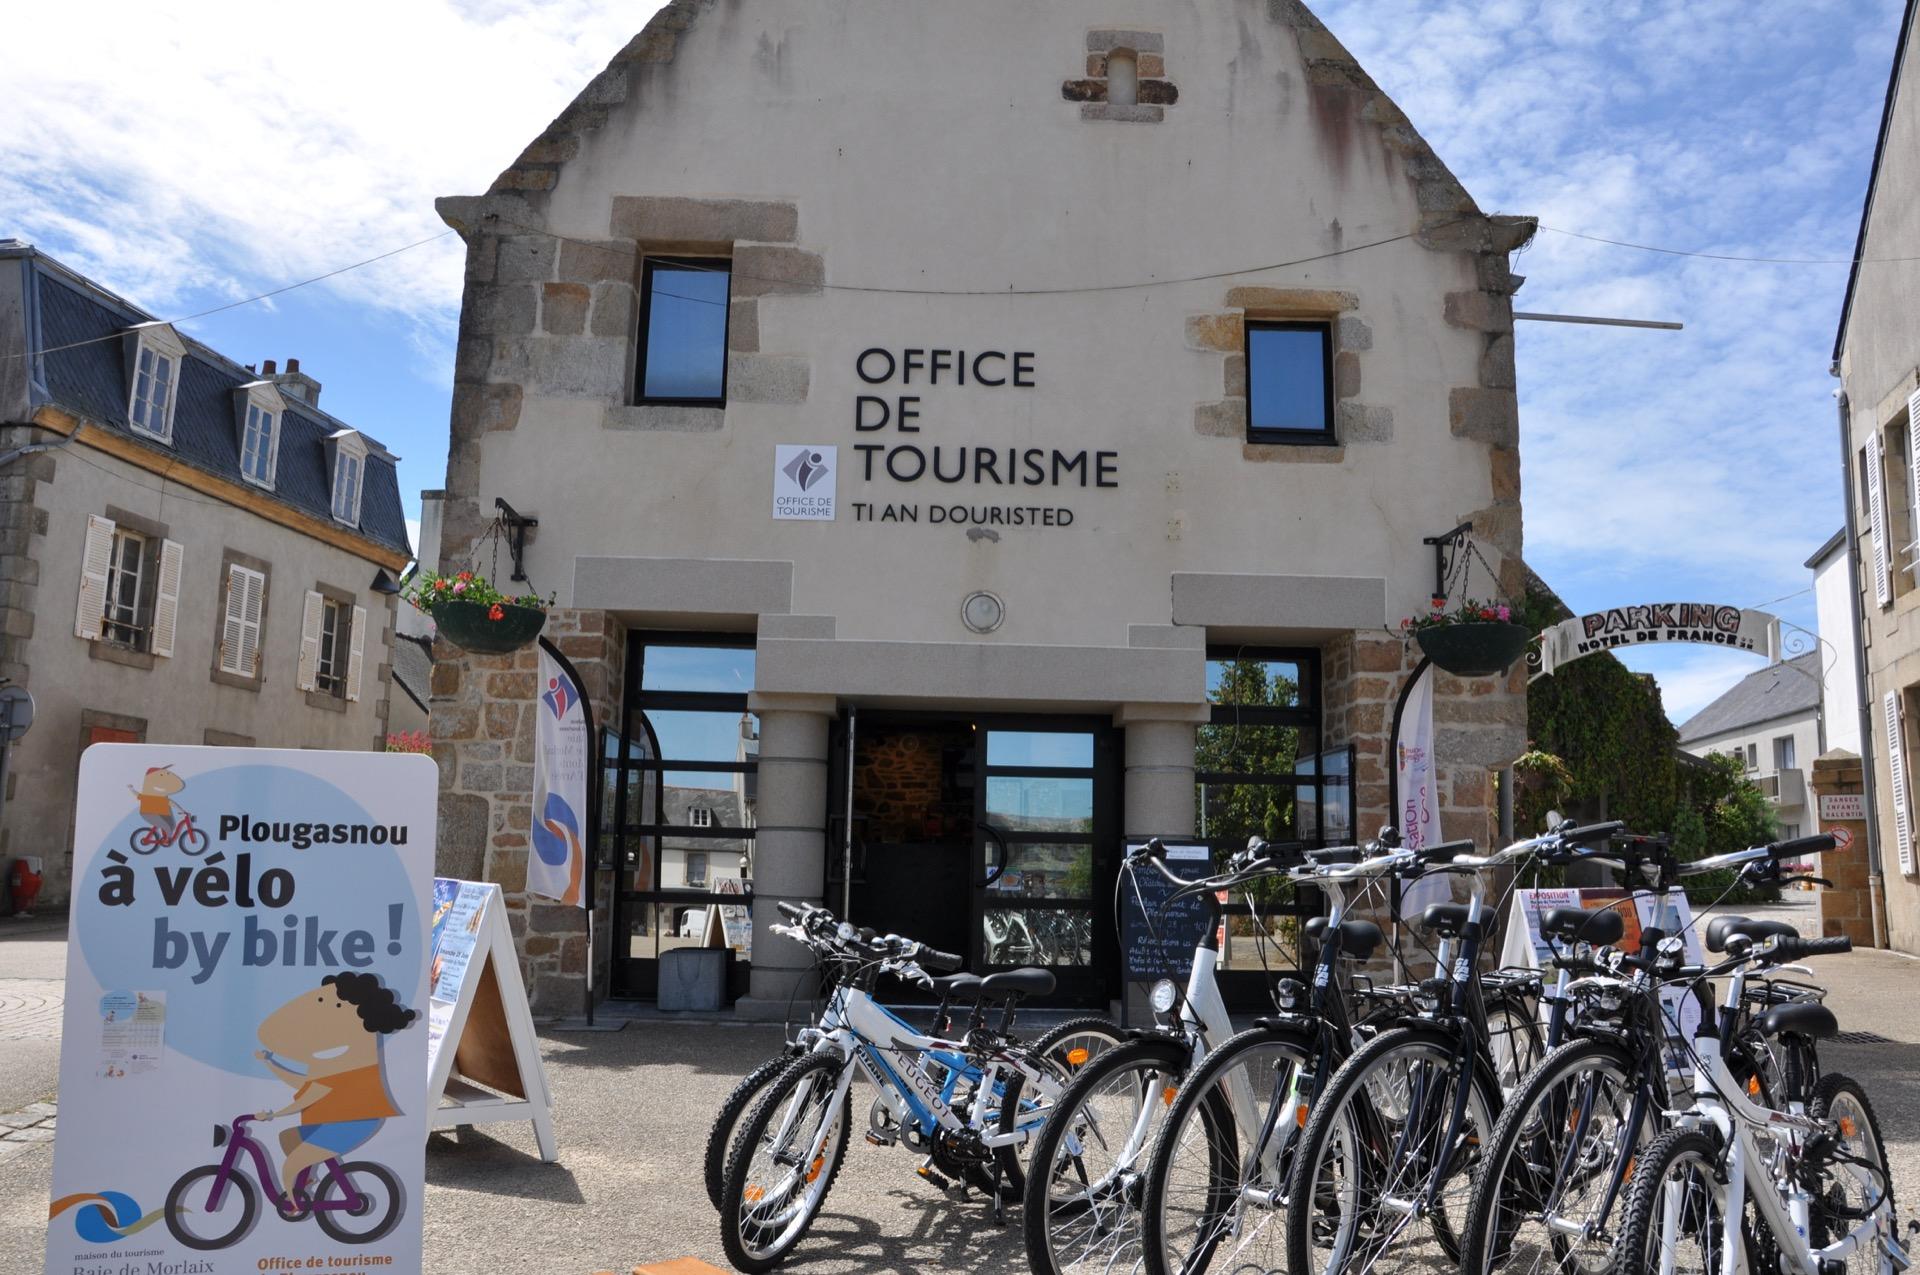 Office de tourisme de plougasnou informations pour vos vacances en bretagne - Office du tourisme plougasnou ...